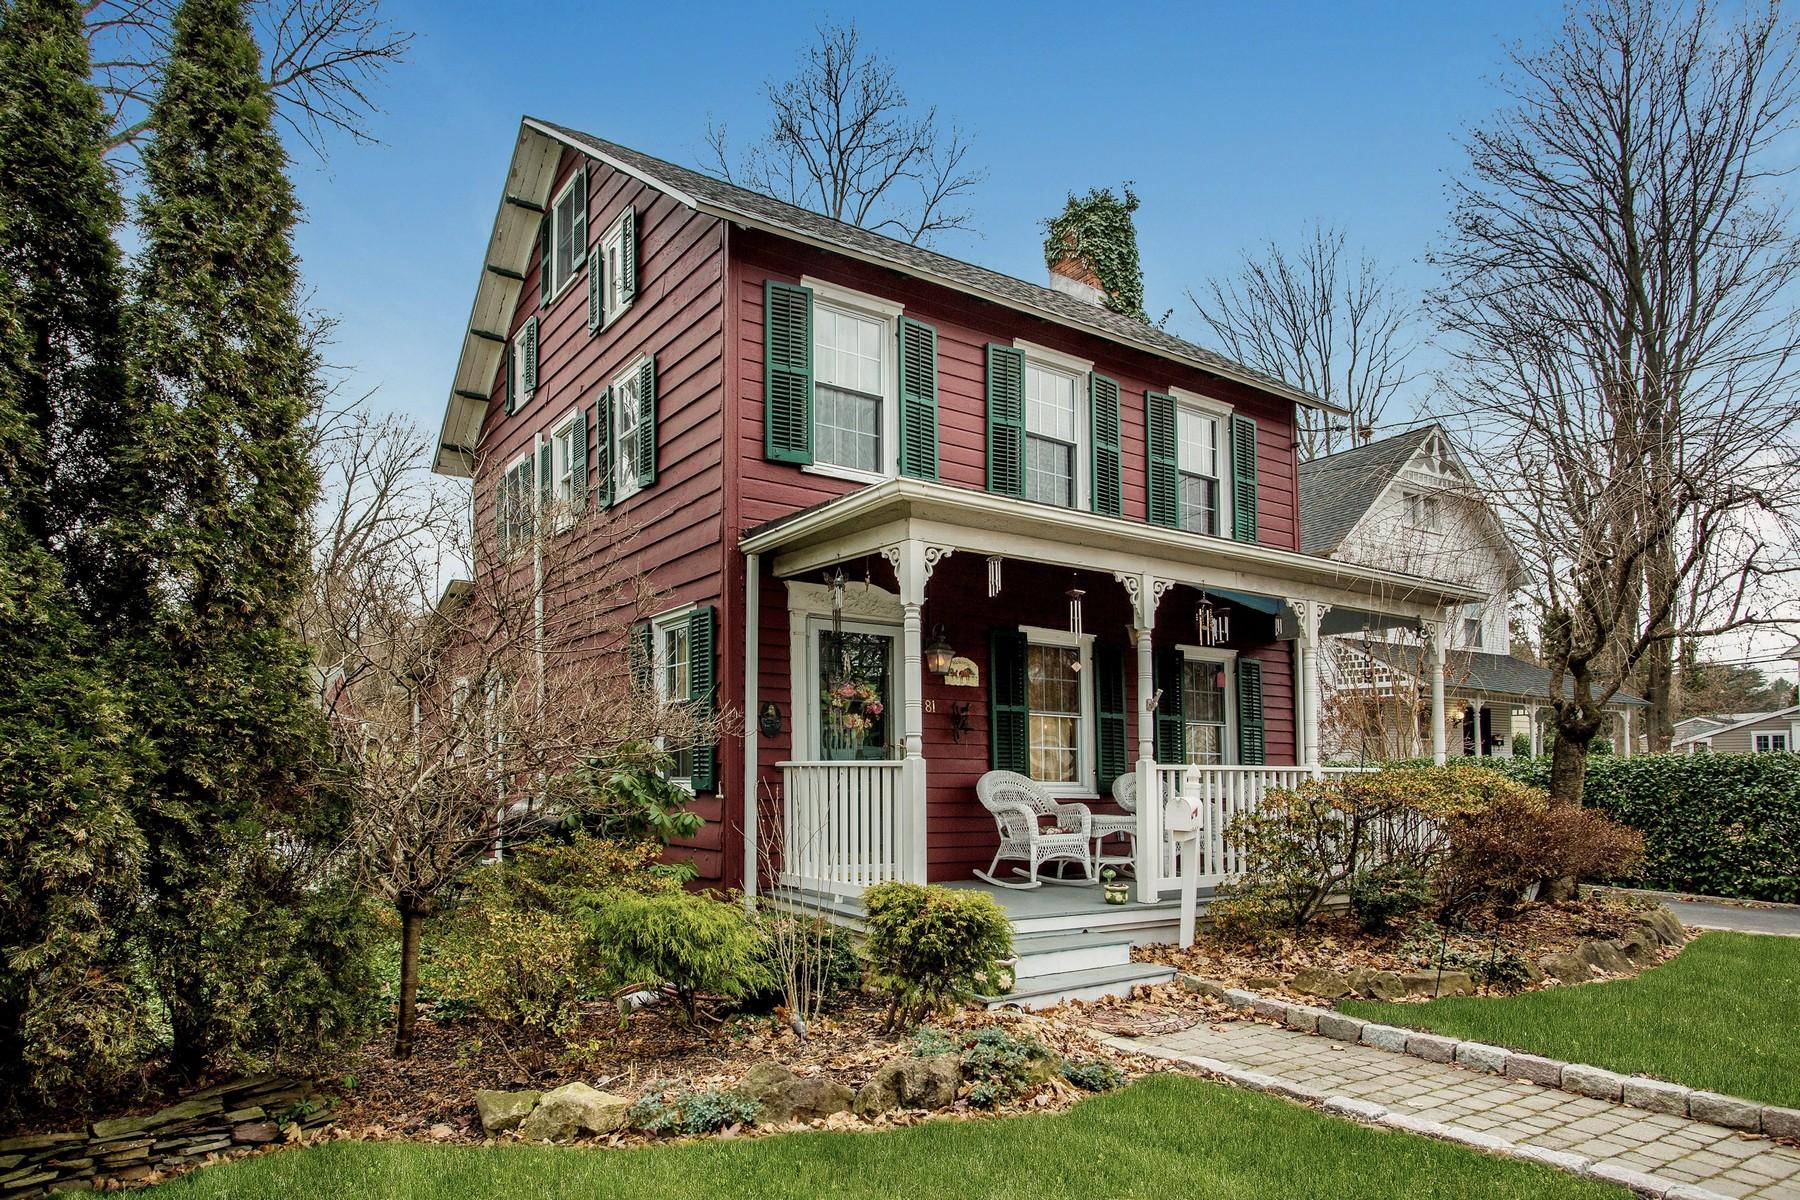 Частный односемейный дом для того Продажа на 81 W Neck Rd , Huntington, NY 11743 Huntington, Нью-Йорк, 11743 Соединенные Штаты